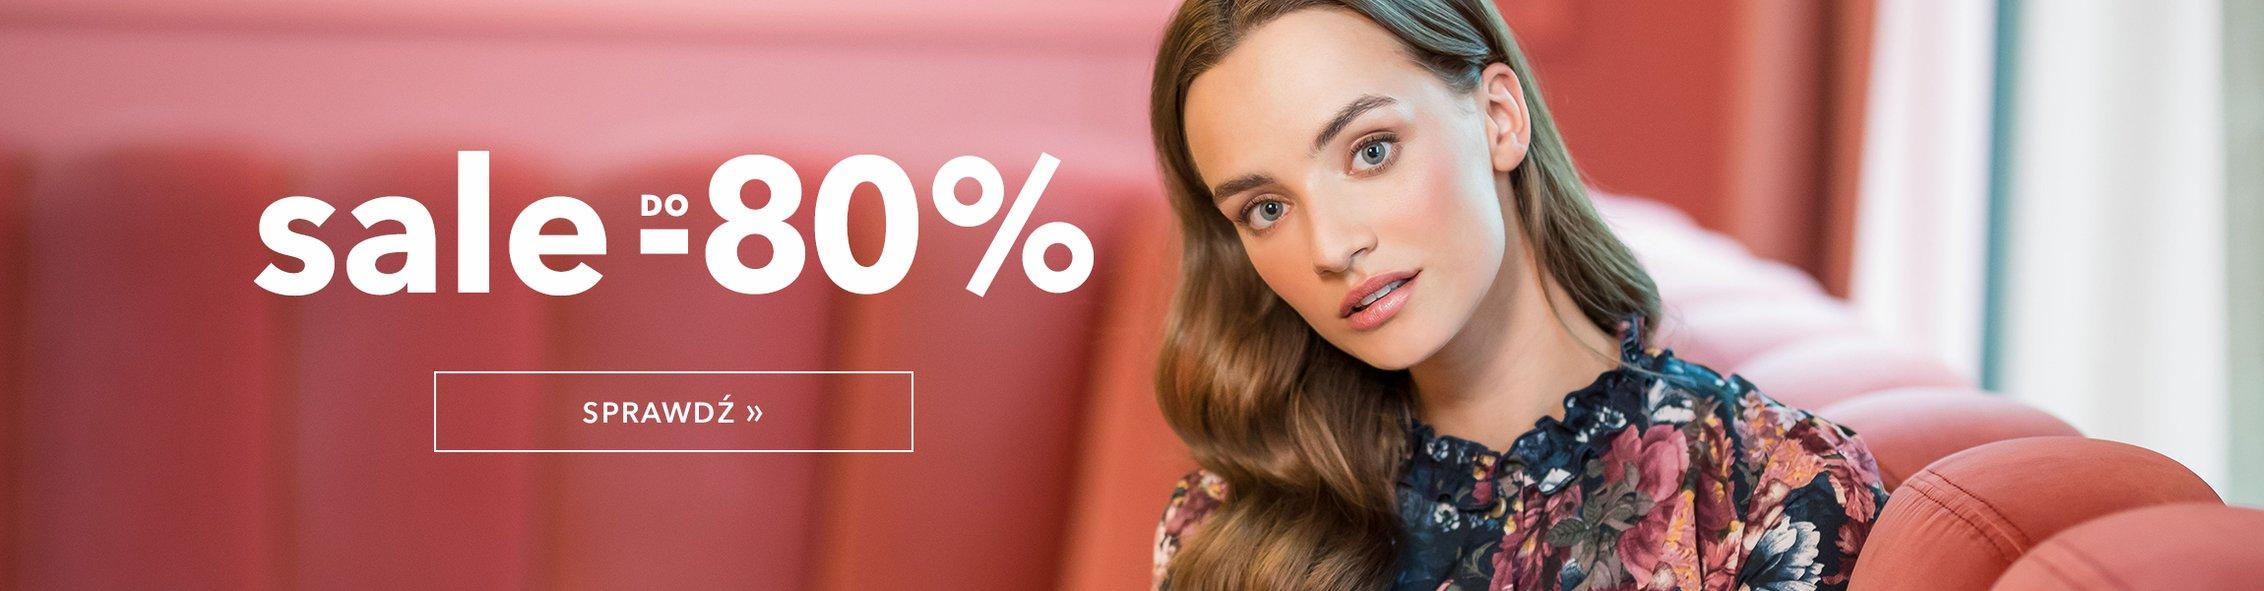 Gatta: wyprzedaż do 80% zniżki na odzież damską